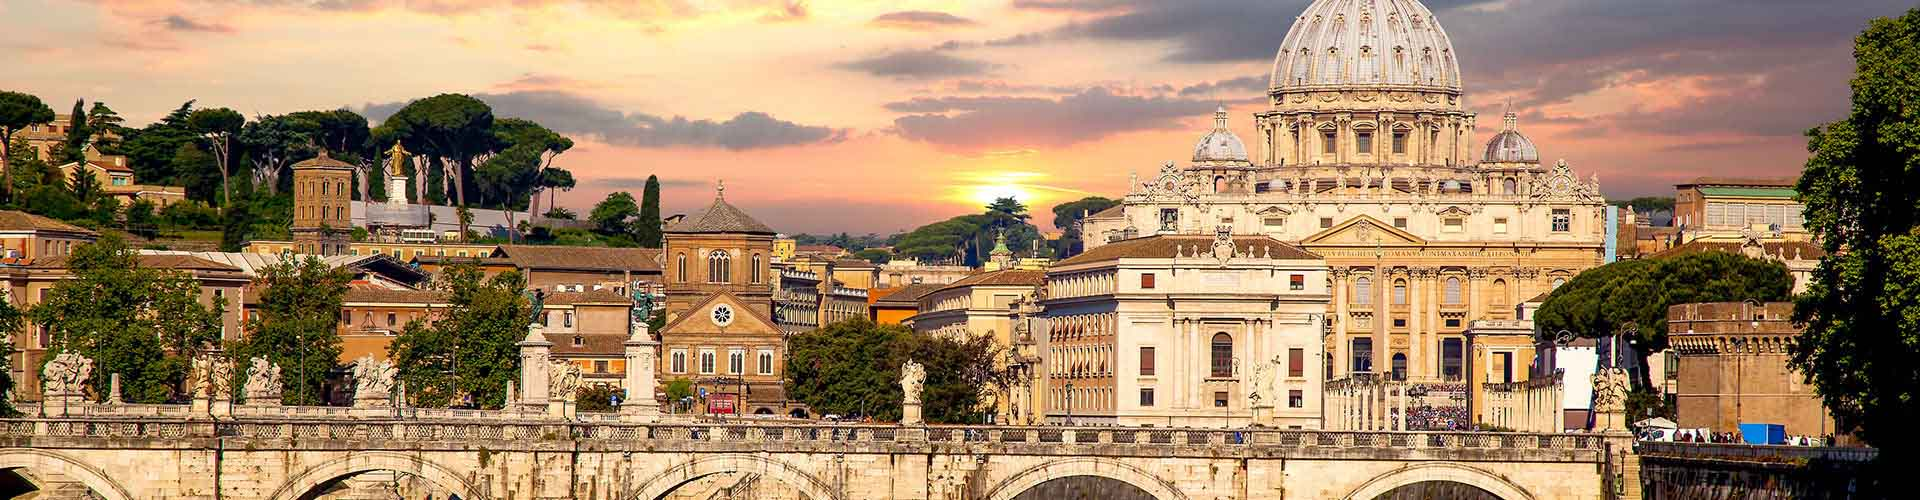 Rome - Hôtels dans le quartier de Ludovisi. Cartes pour Rome, photos et commentaires pour chaque hôtel à Rome.